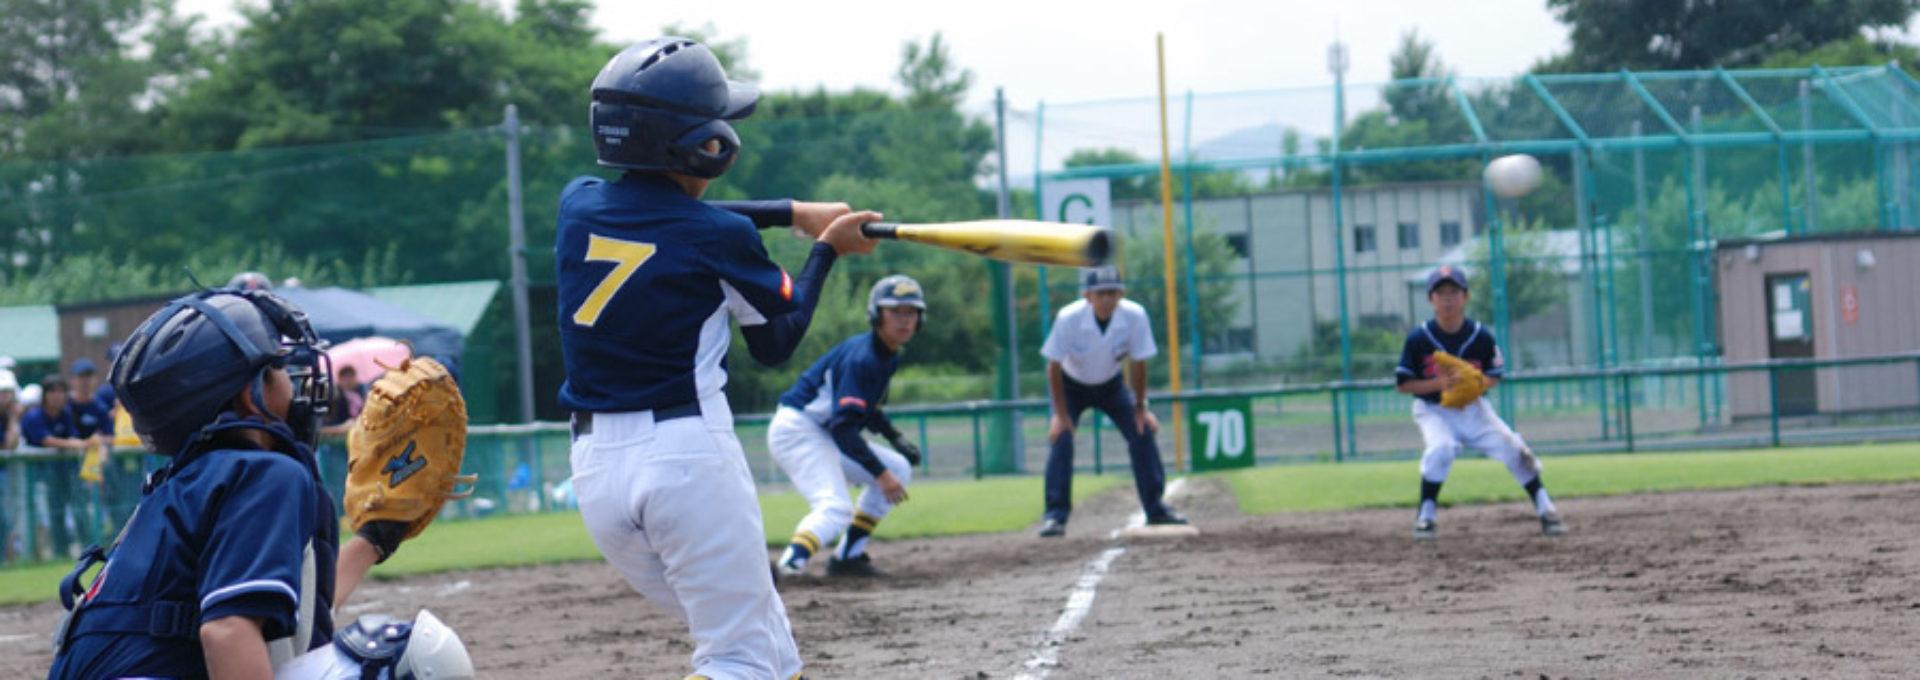 埼玉スポーツメディカルサポート